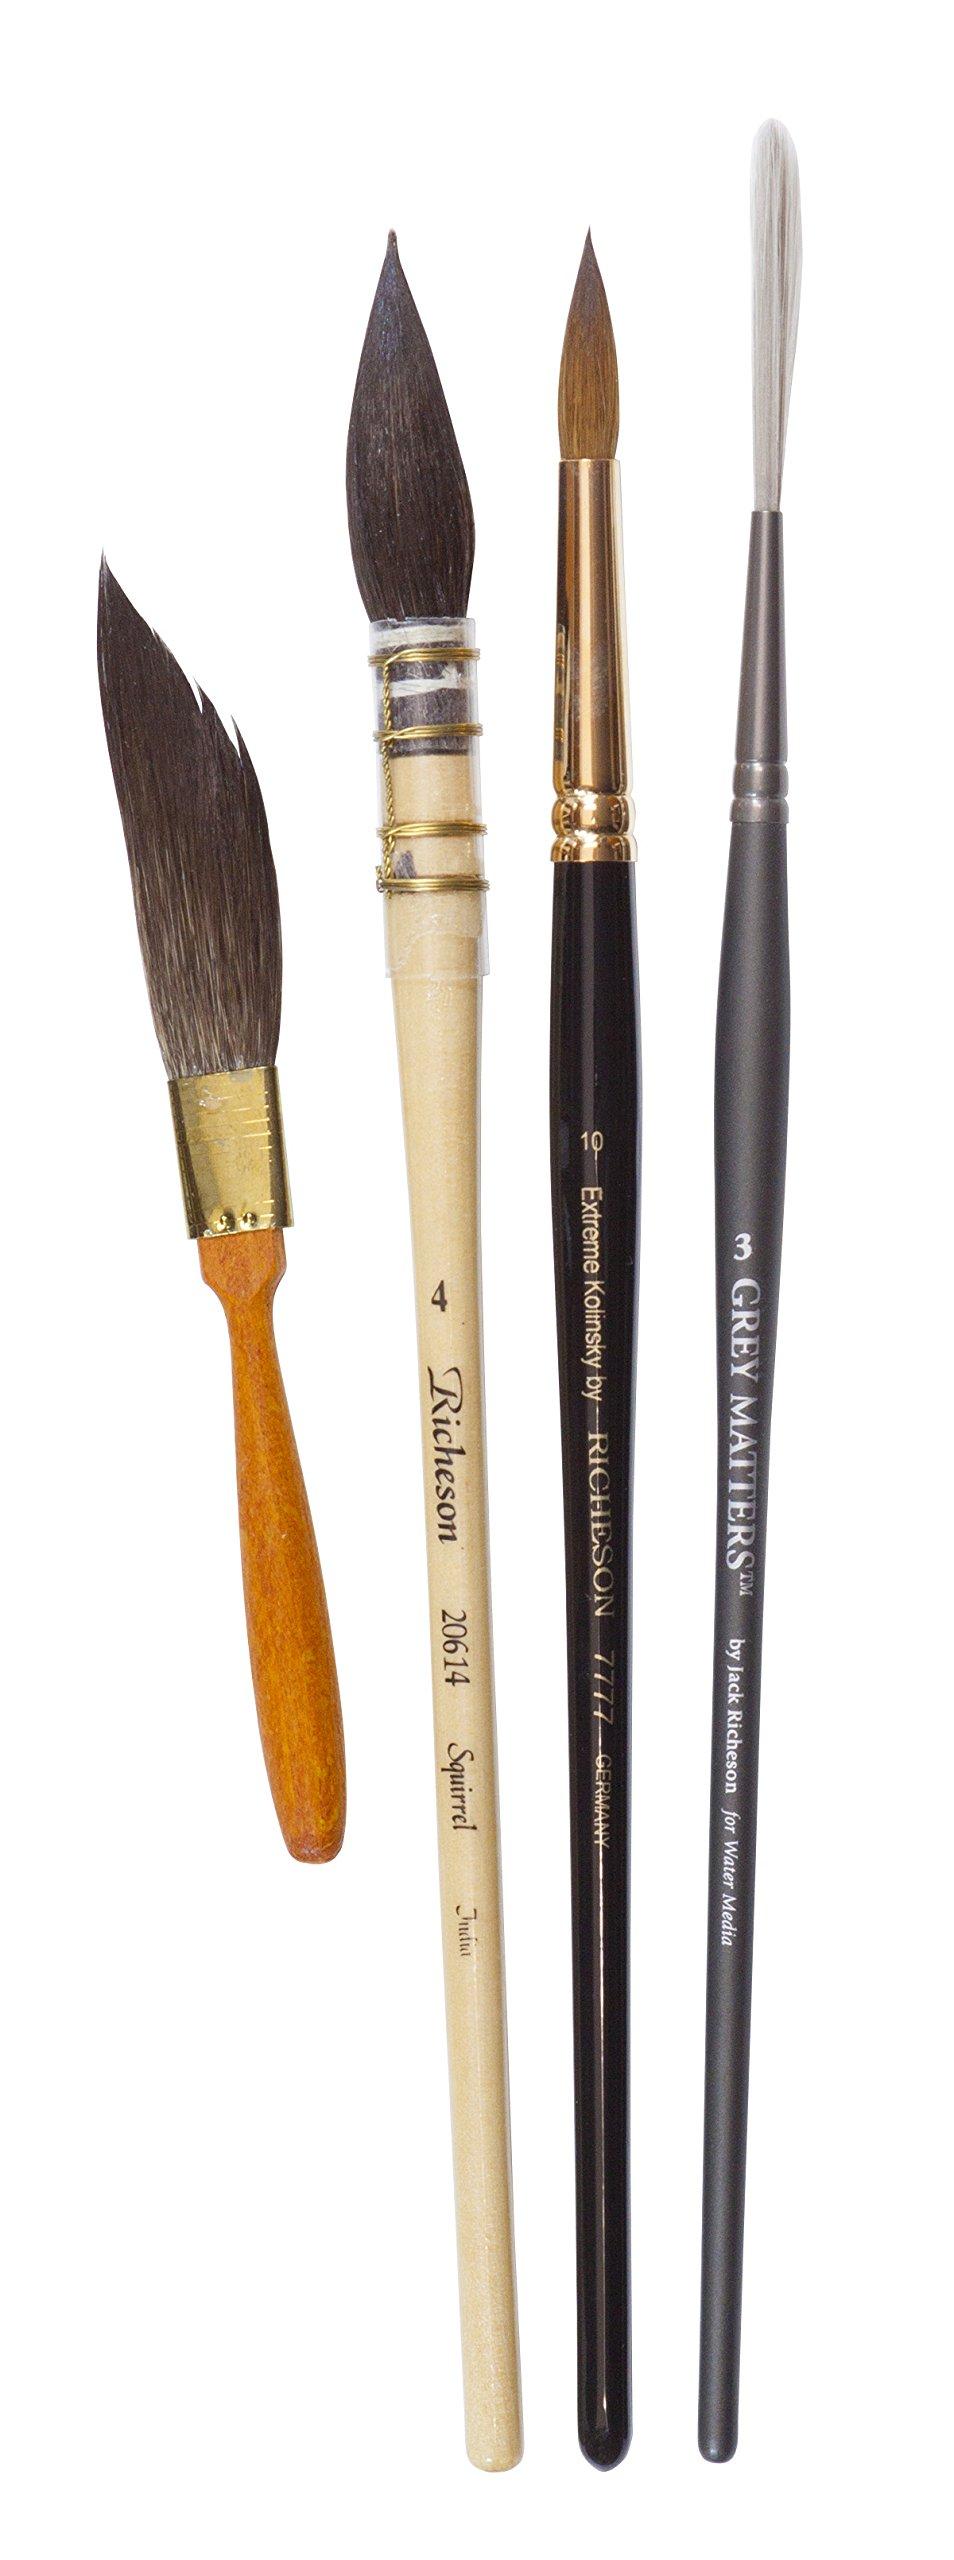 Shari Blaukopf SB002 Basic Watercolor Brush Set by Shari Blaukopf